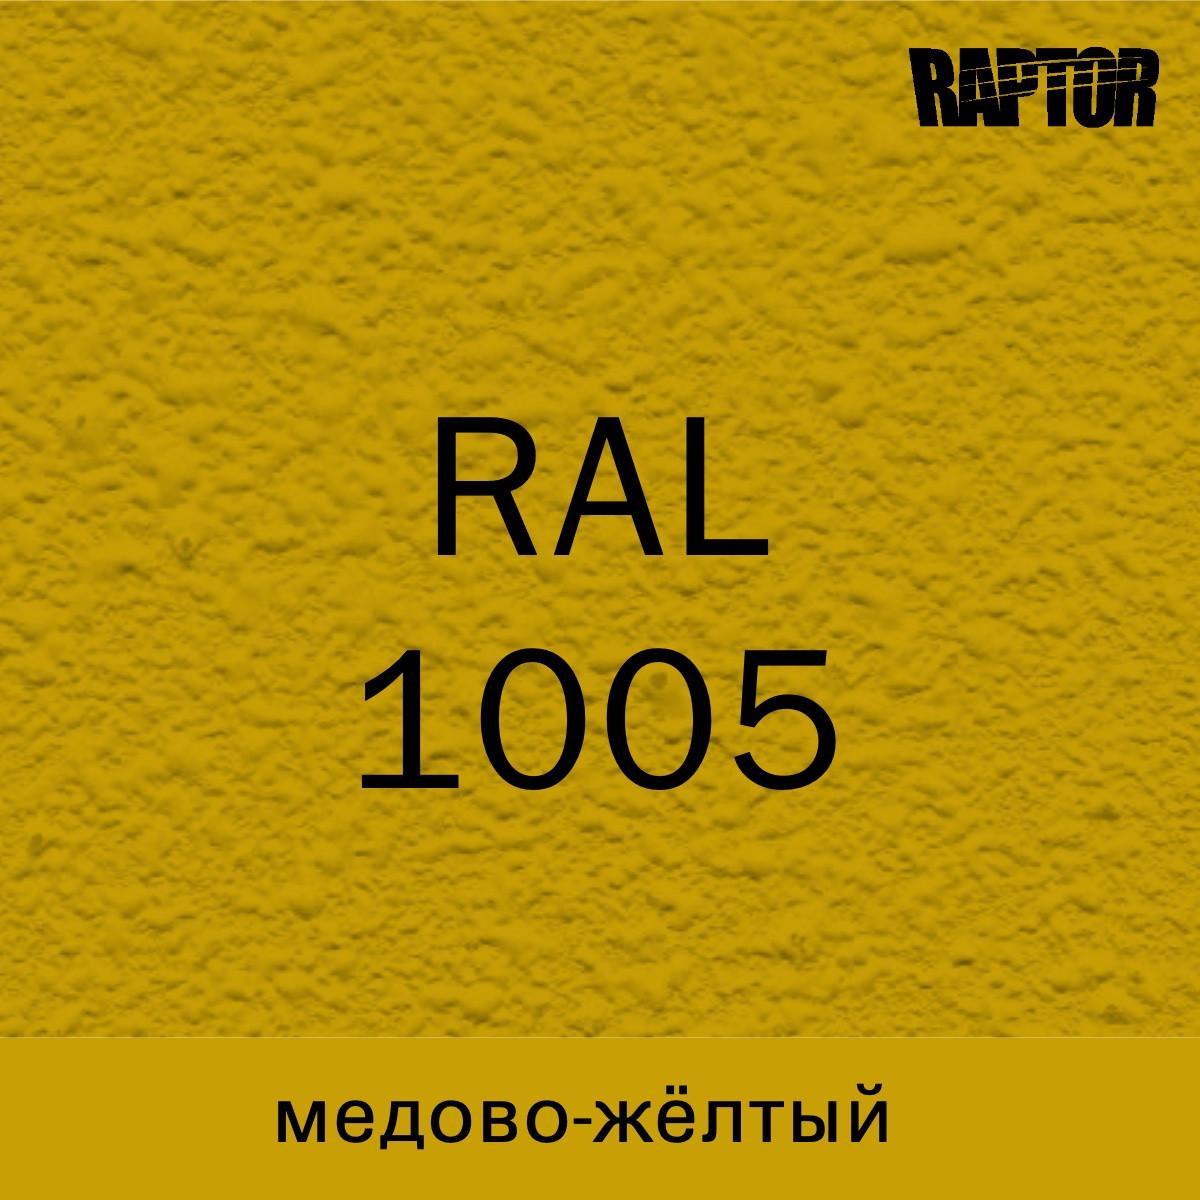 Пигмент для колеровки покрытия RAPTOR™ Медово-жёлтый (RAL 1005)